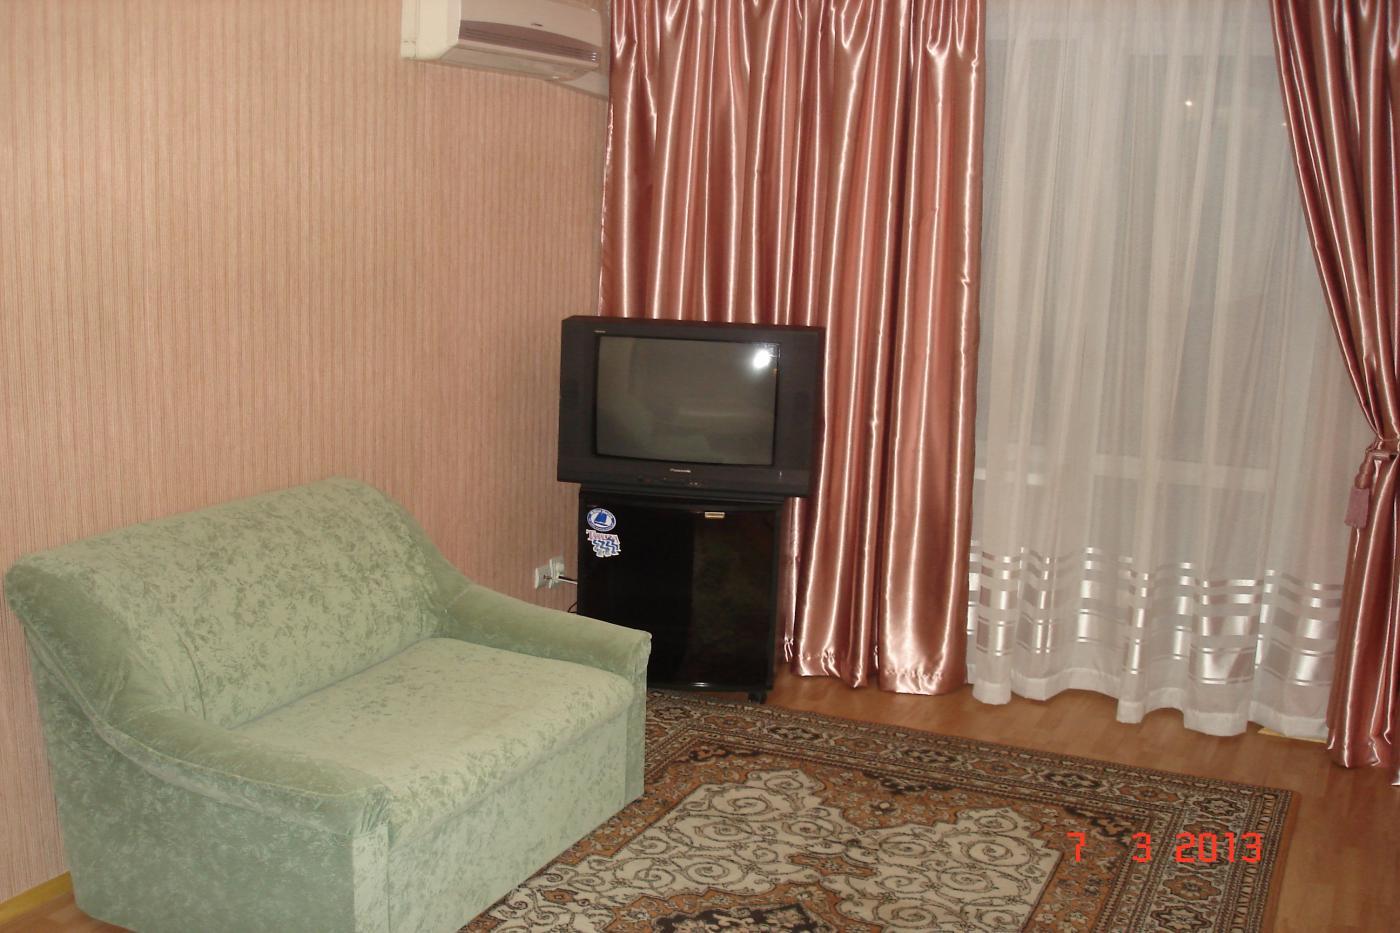 2-комнатная квартира посуточно (вариант № 1714), ул. Гоголя улица, фото № 3